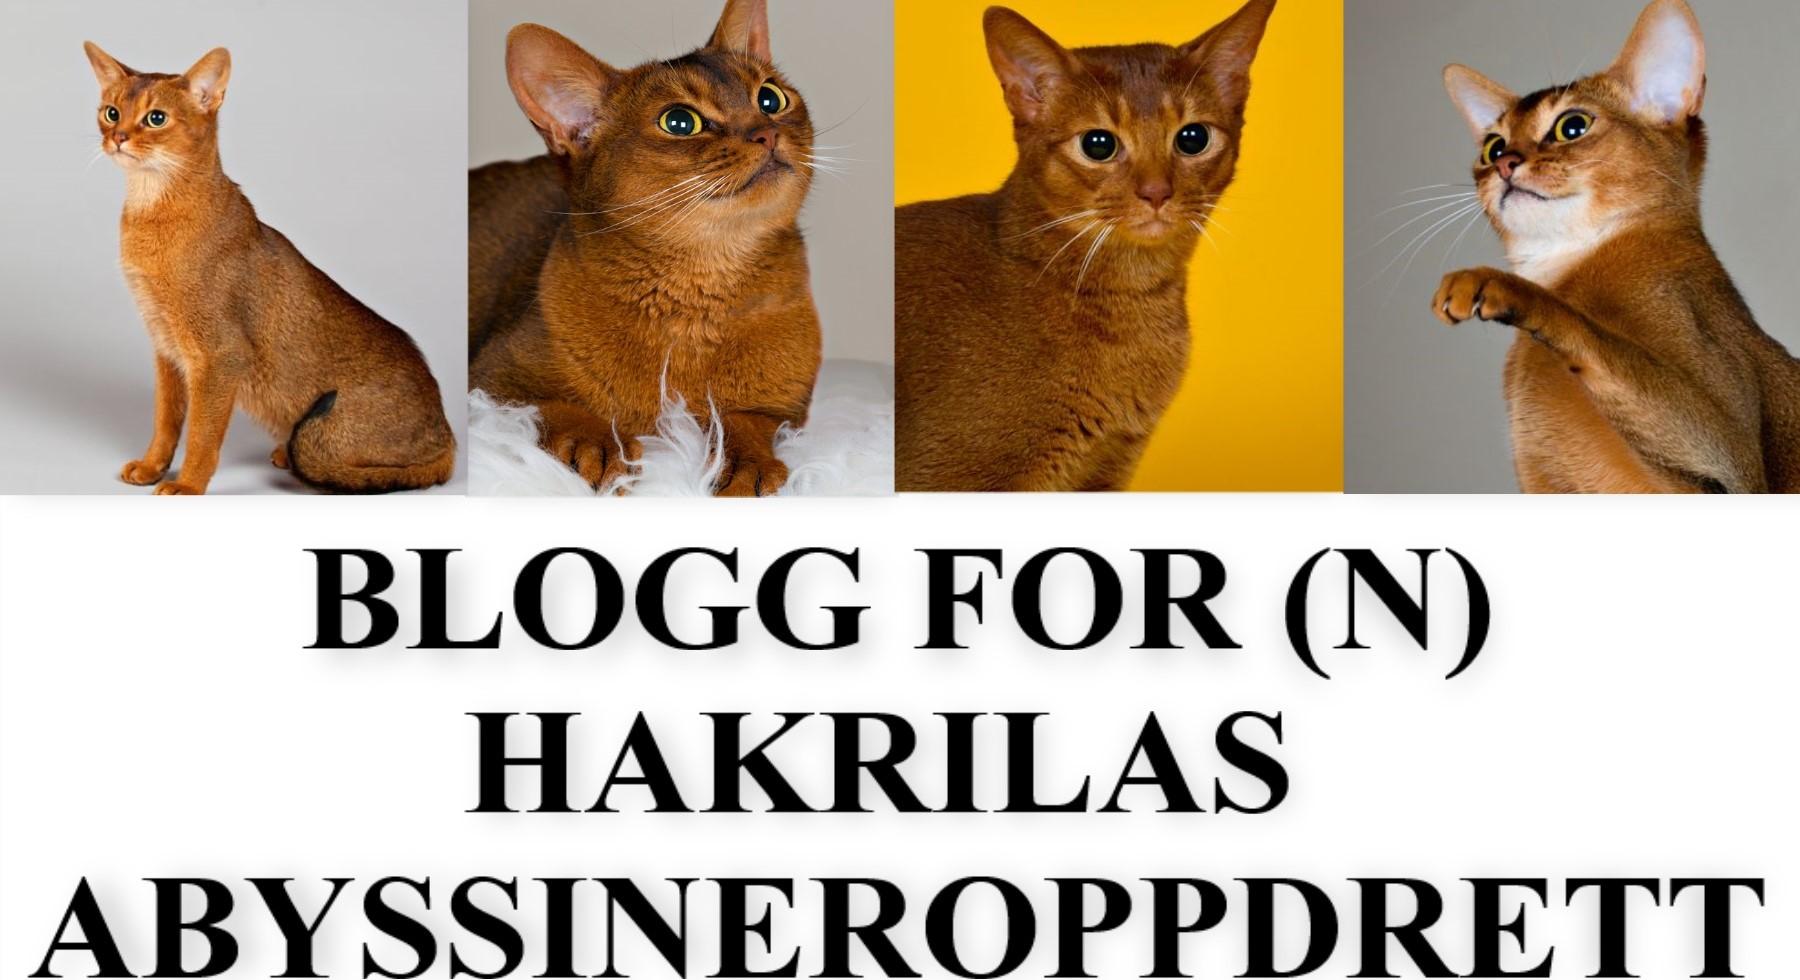 (N) Hakrilas Abyssineroppdrett